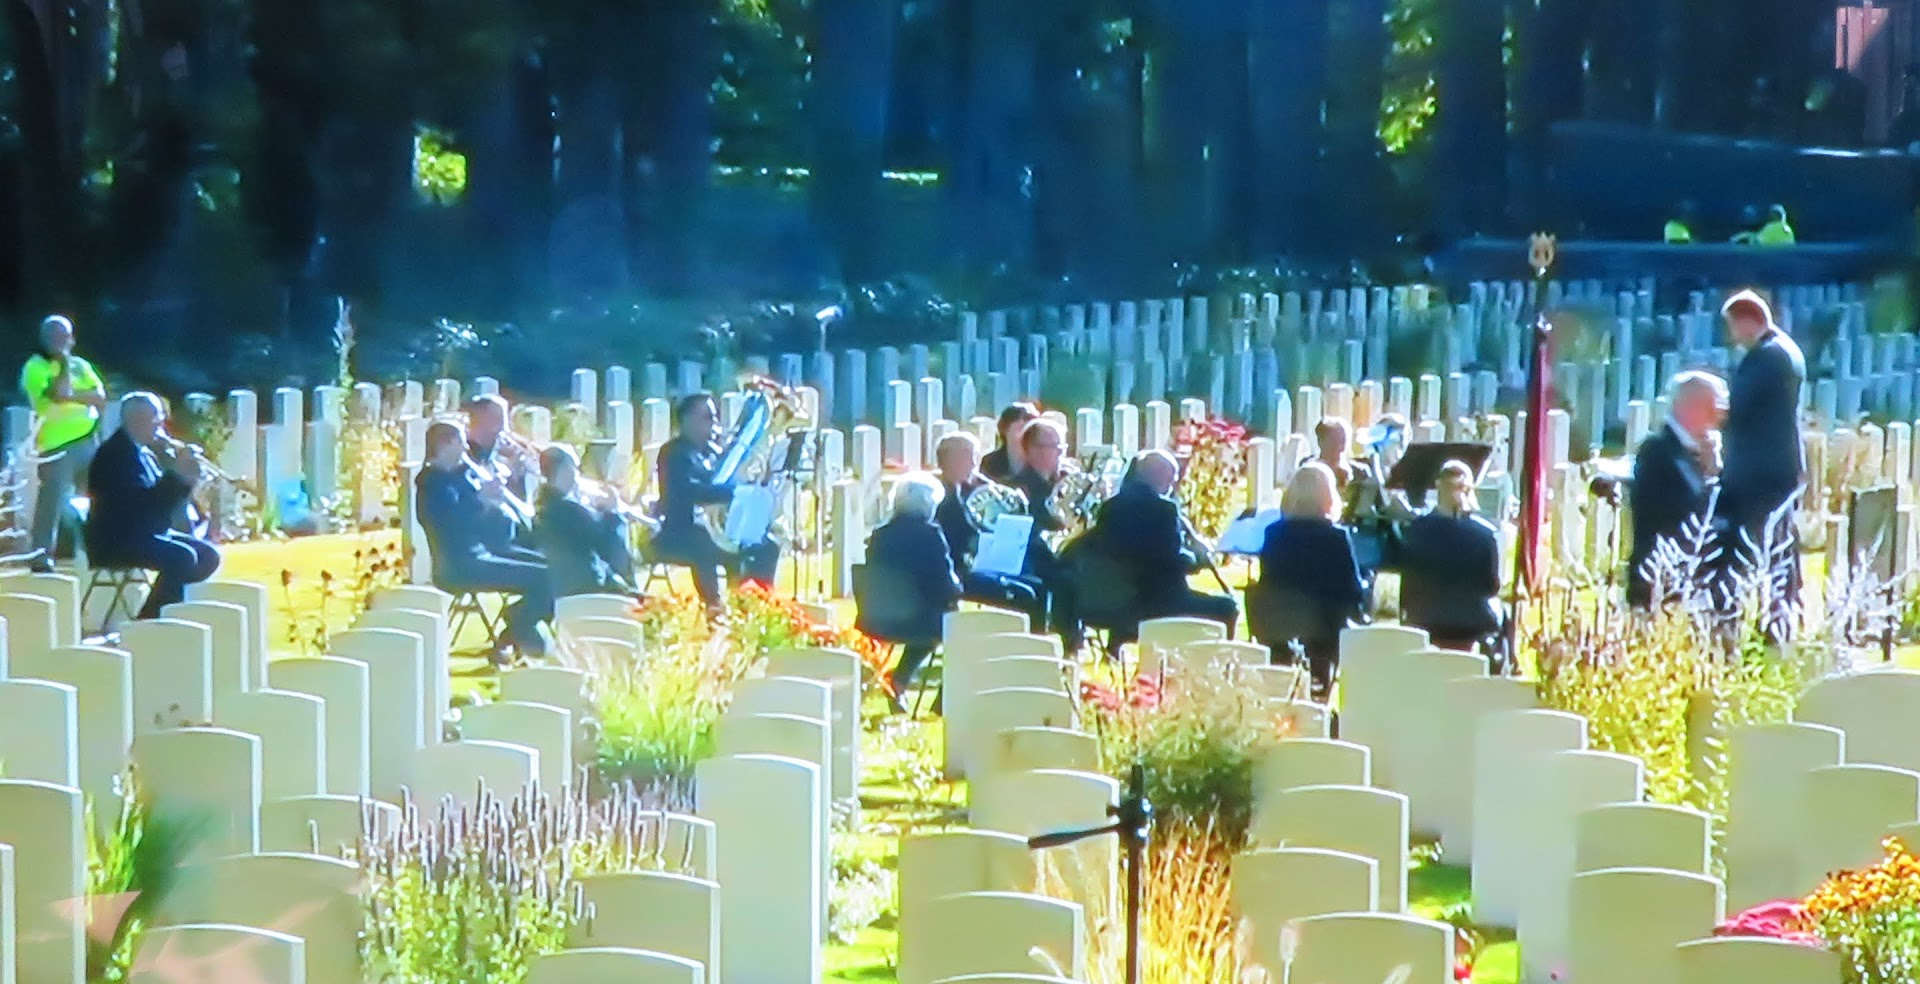 Airborne Herdenking 2020 - 15 spelers Koninklijke Harmonie Oosterbeek